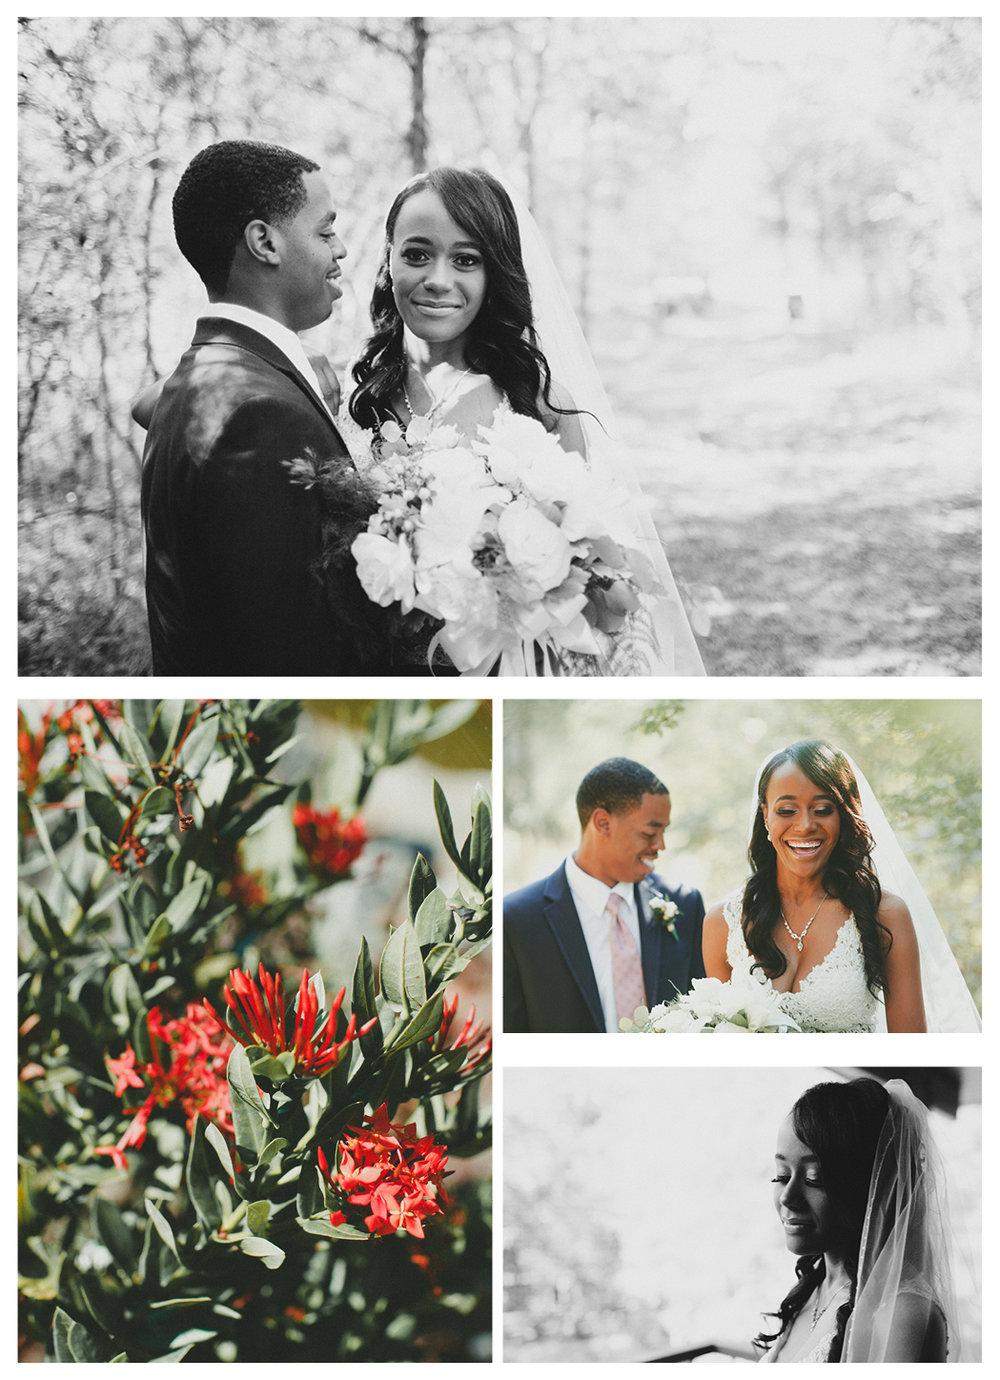 Bride_Groom11.jpg